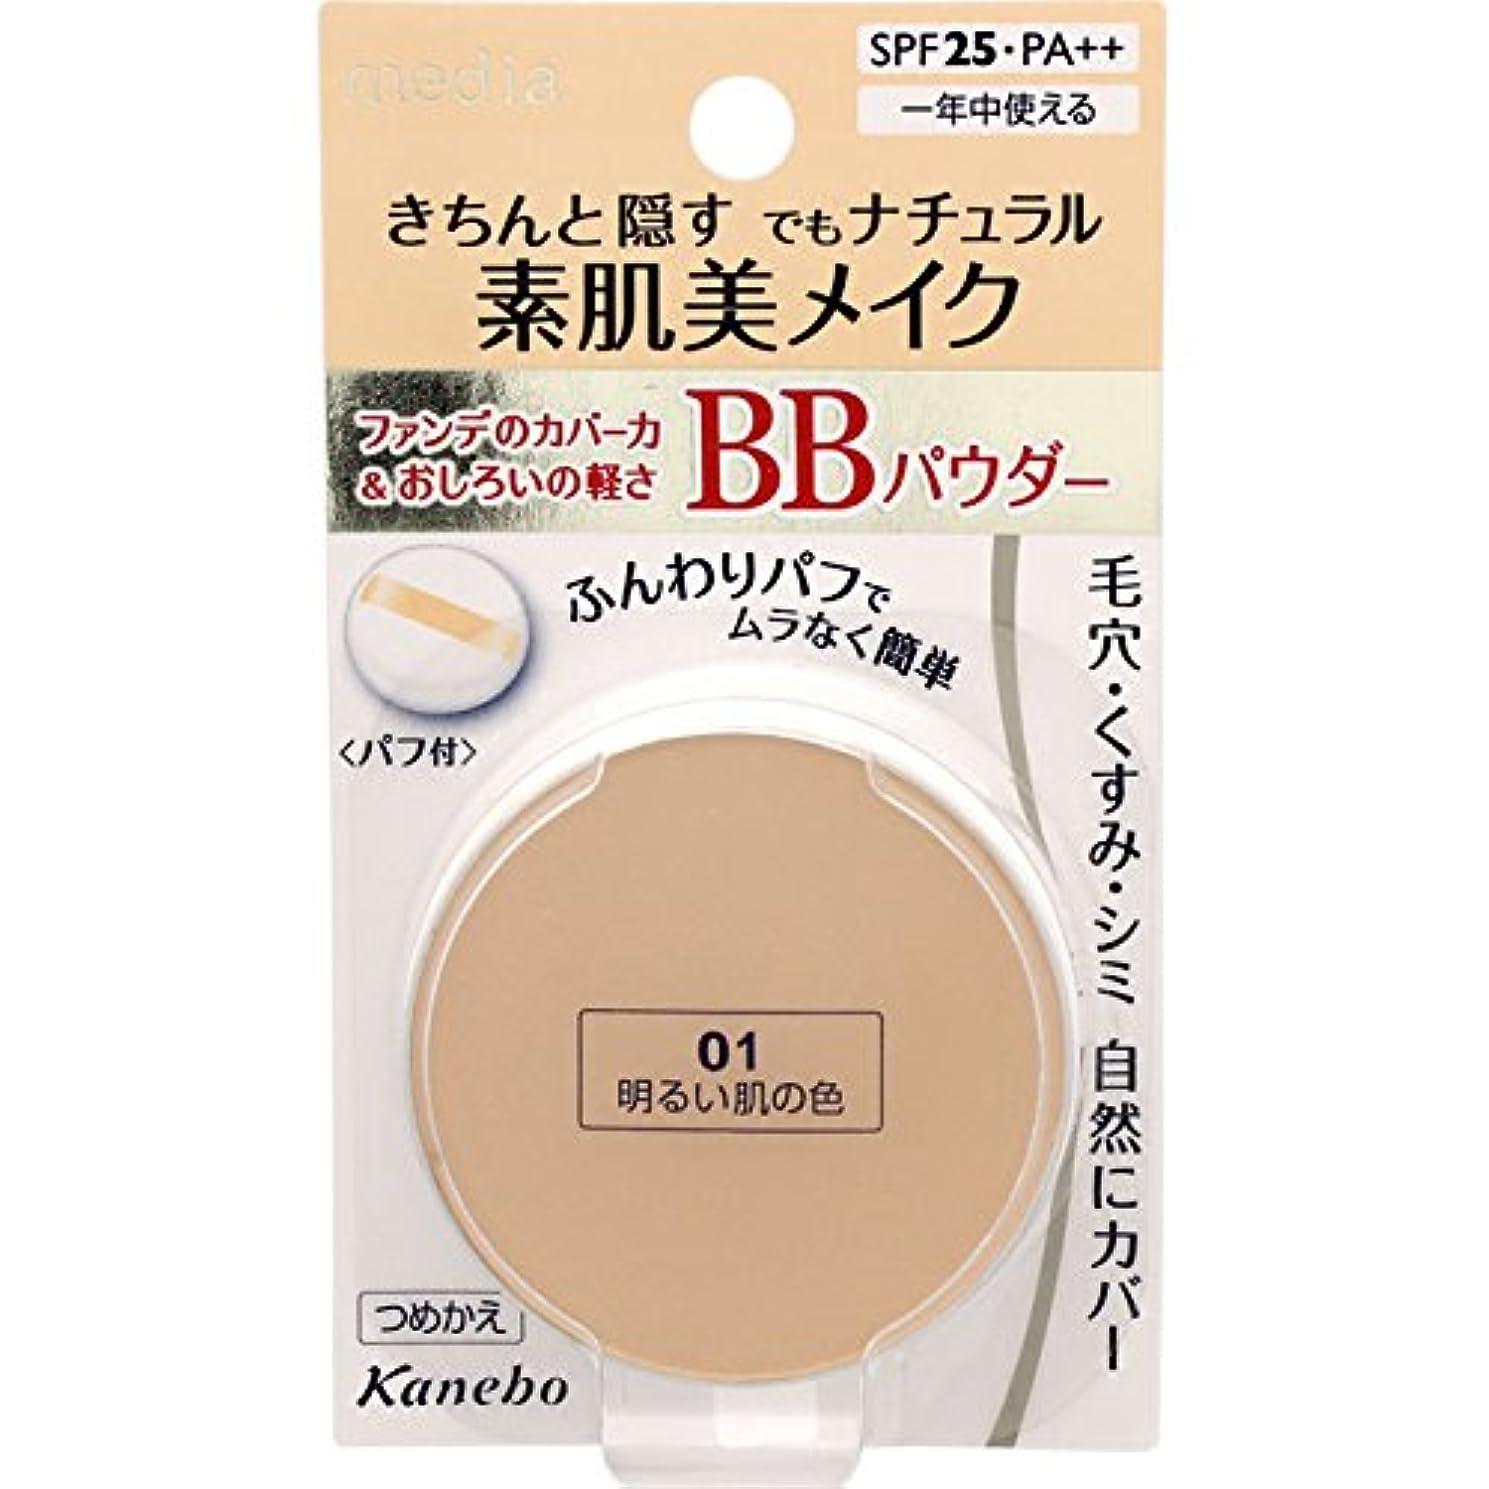 メディアBBパウダー01(明るい肌の色)×3